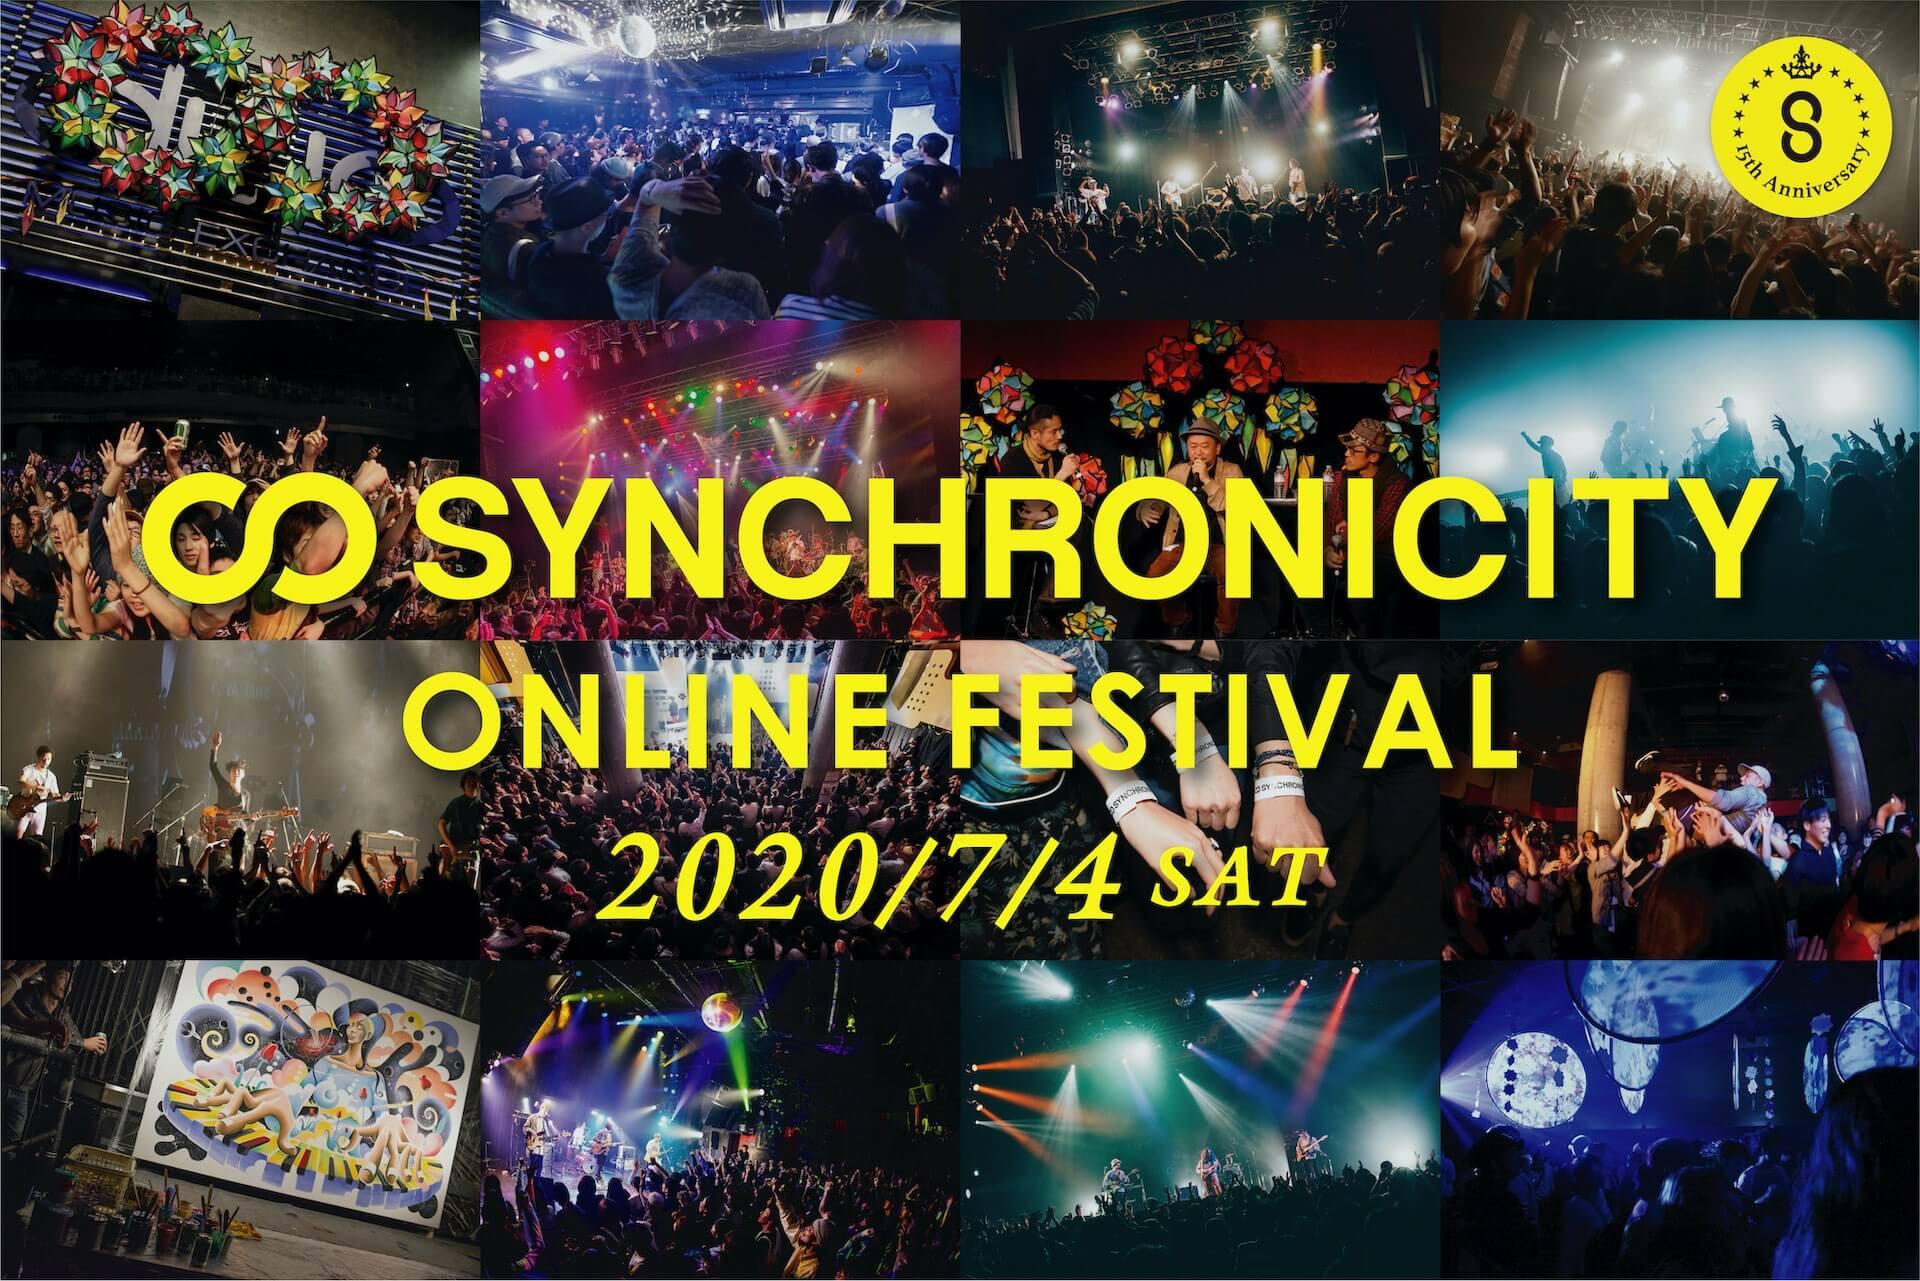 開催中止となった<SYNCHRONICITY>がオンラインフェスを開催!クラウドファンディングも延長決定 music200528_synchronicity_01